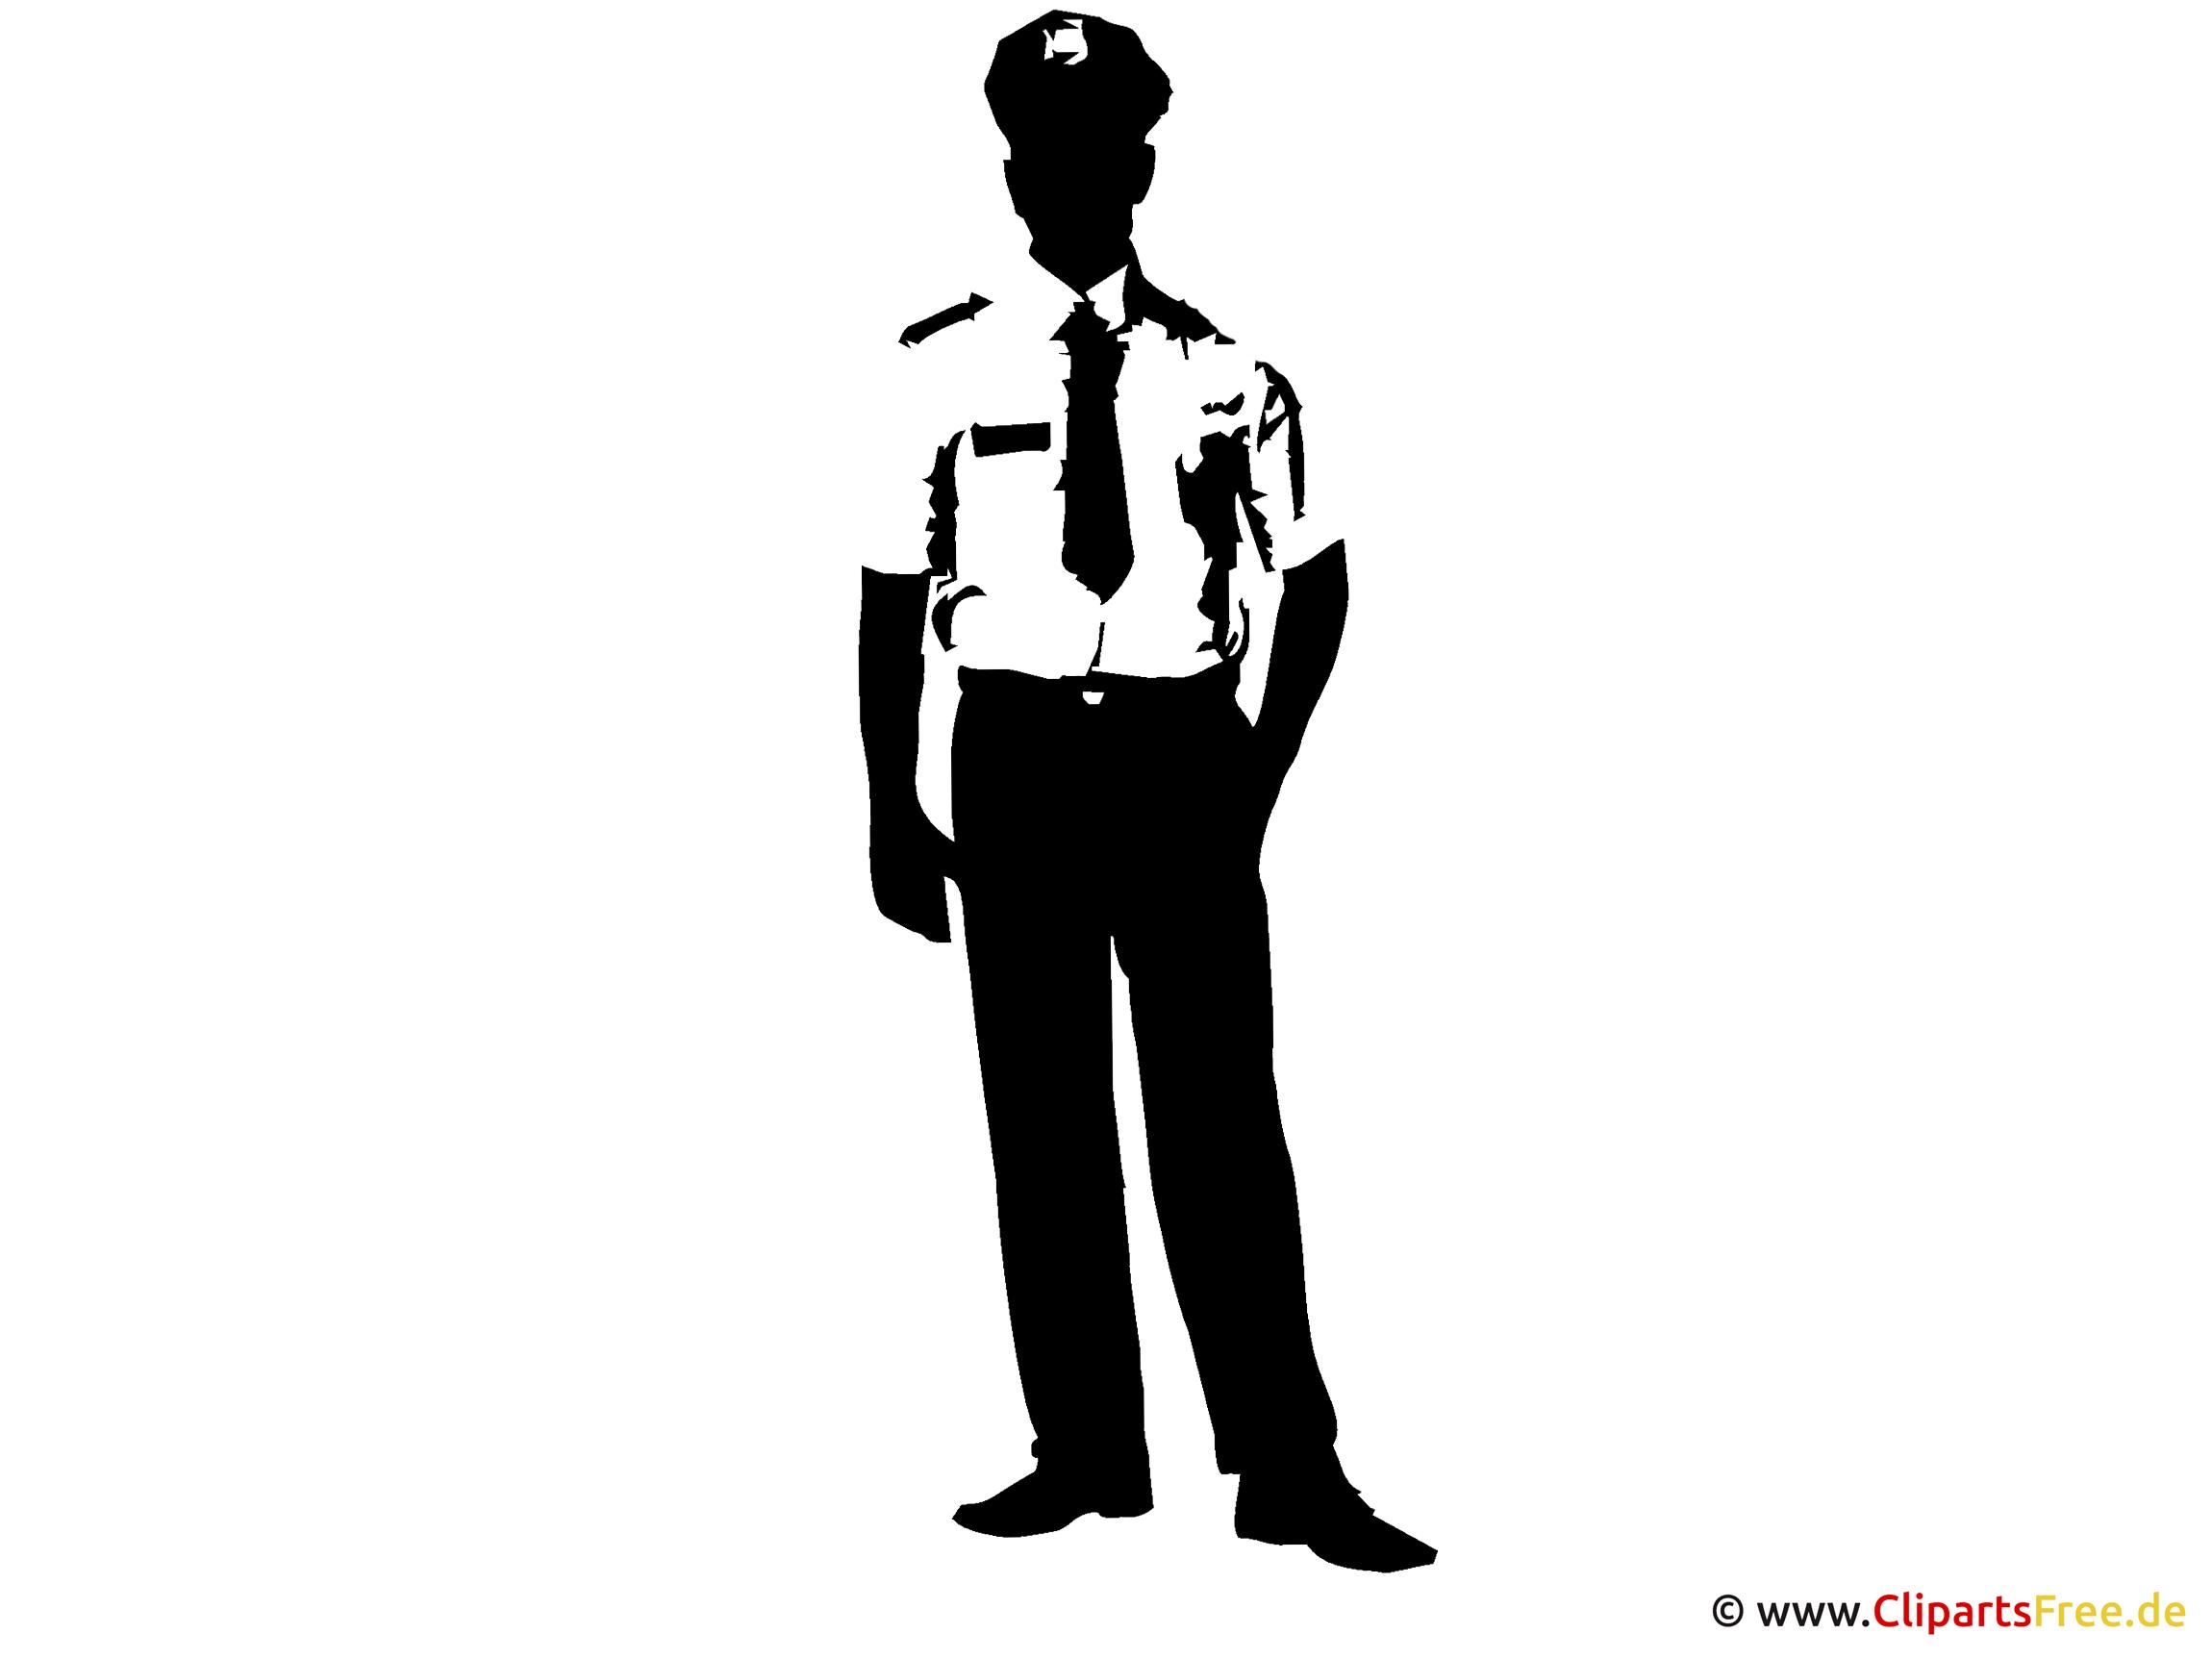 Silhouette Polizist Clipart